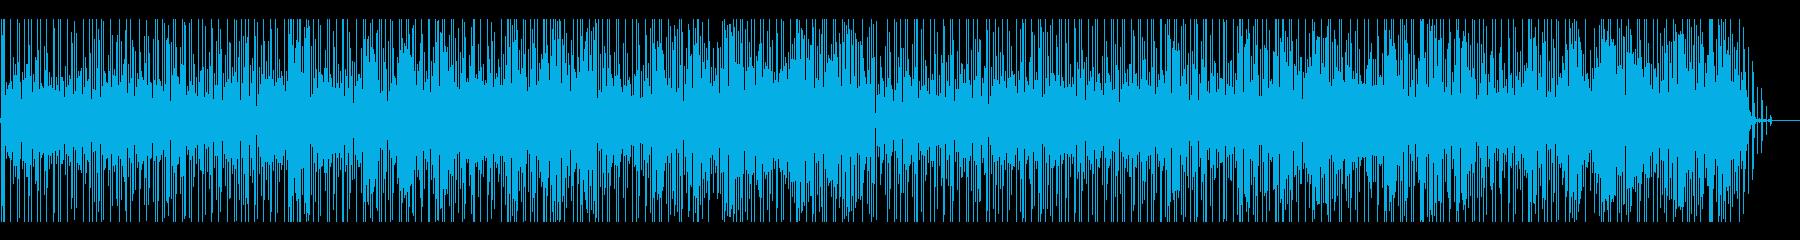 チープ、シンセ、テクスチャーの再生済みの波形